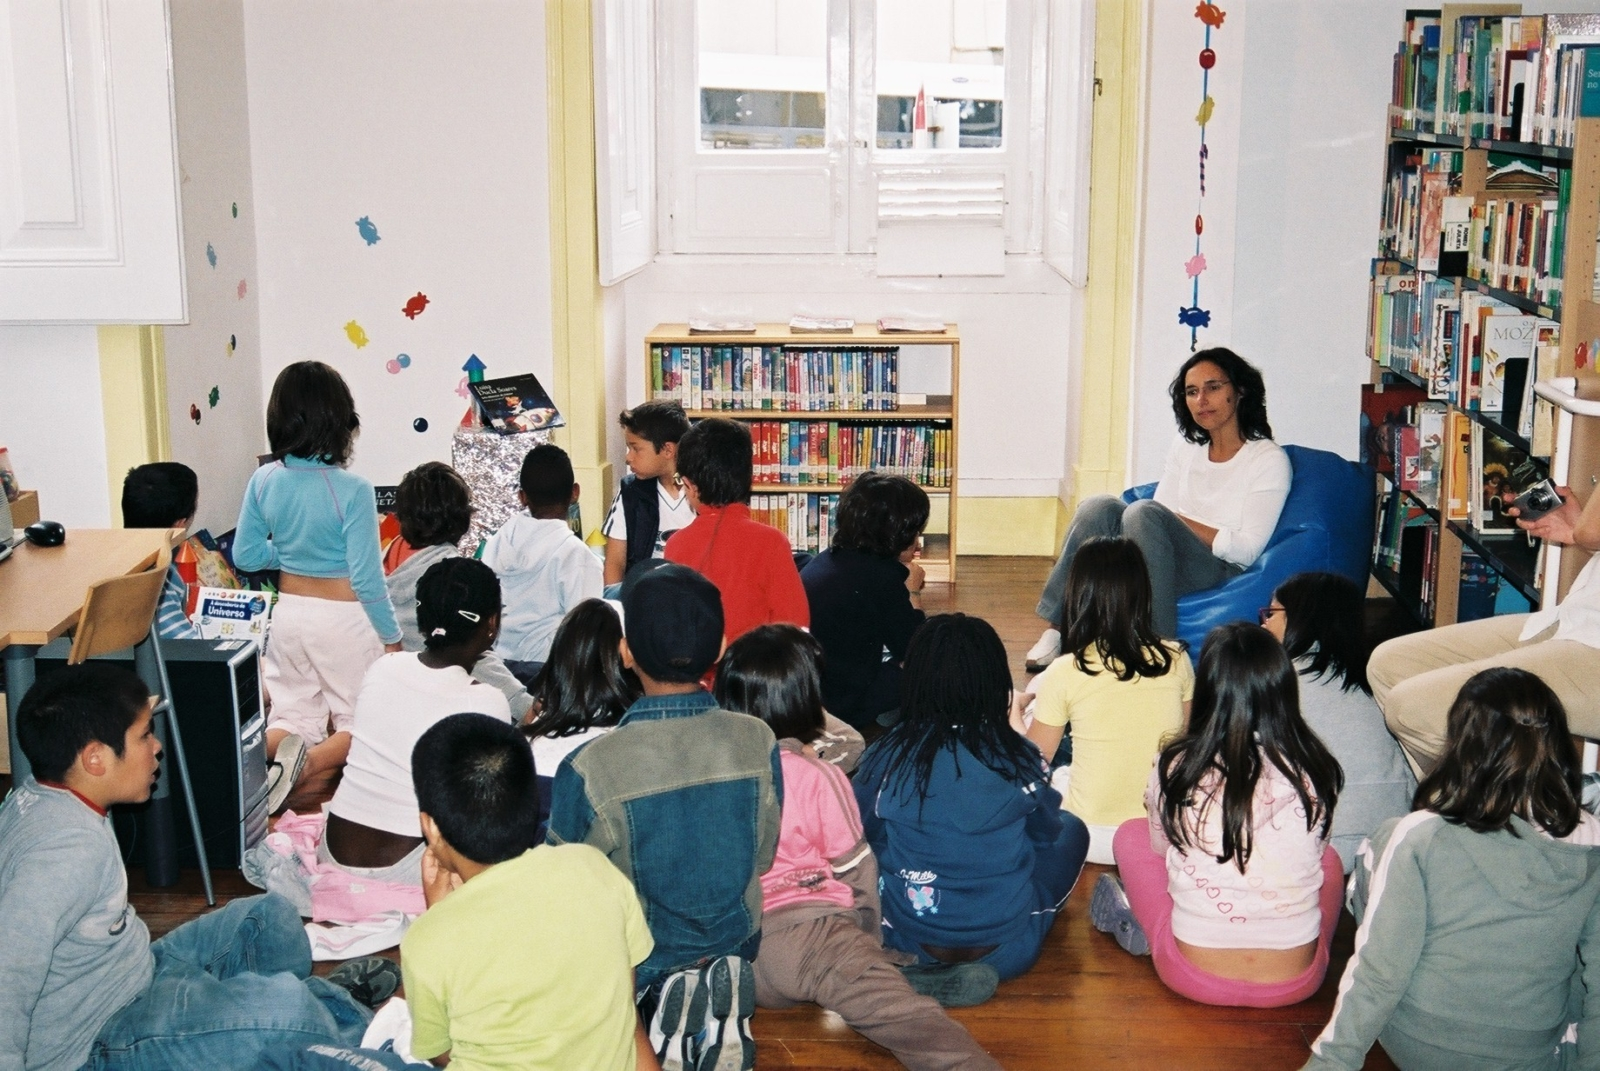 Grupo de crianças sentadas no chão a participar numa atividade